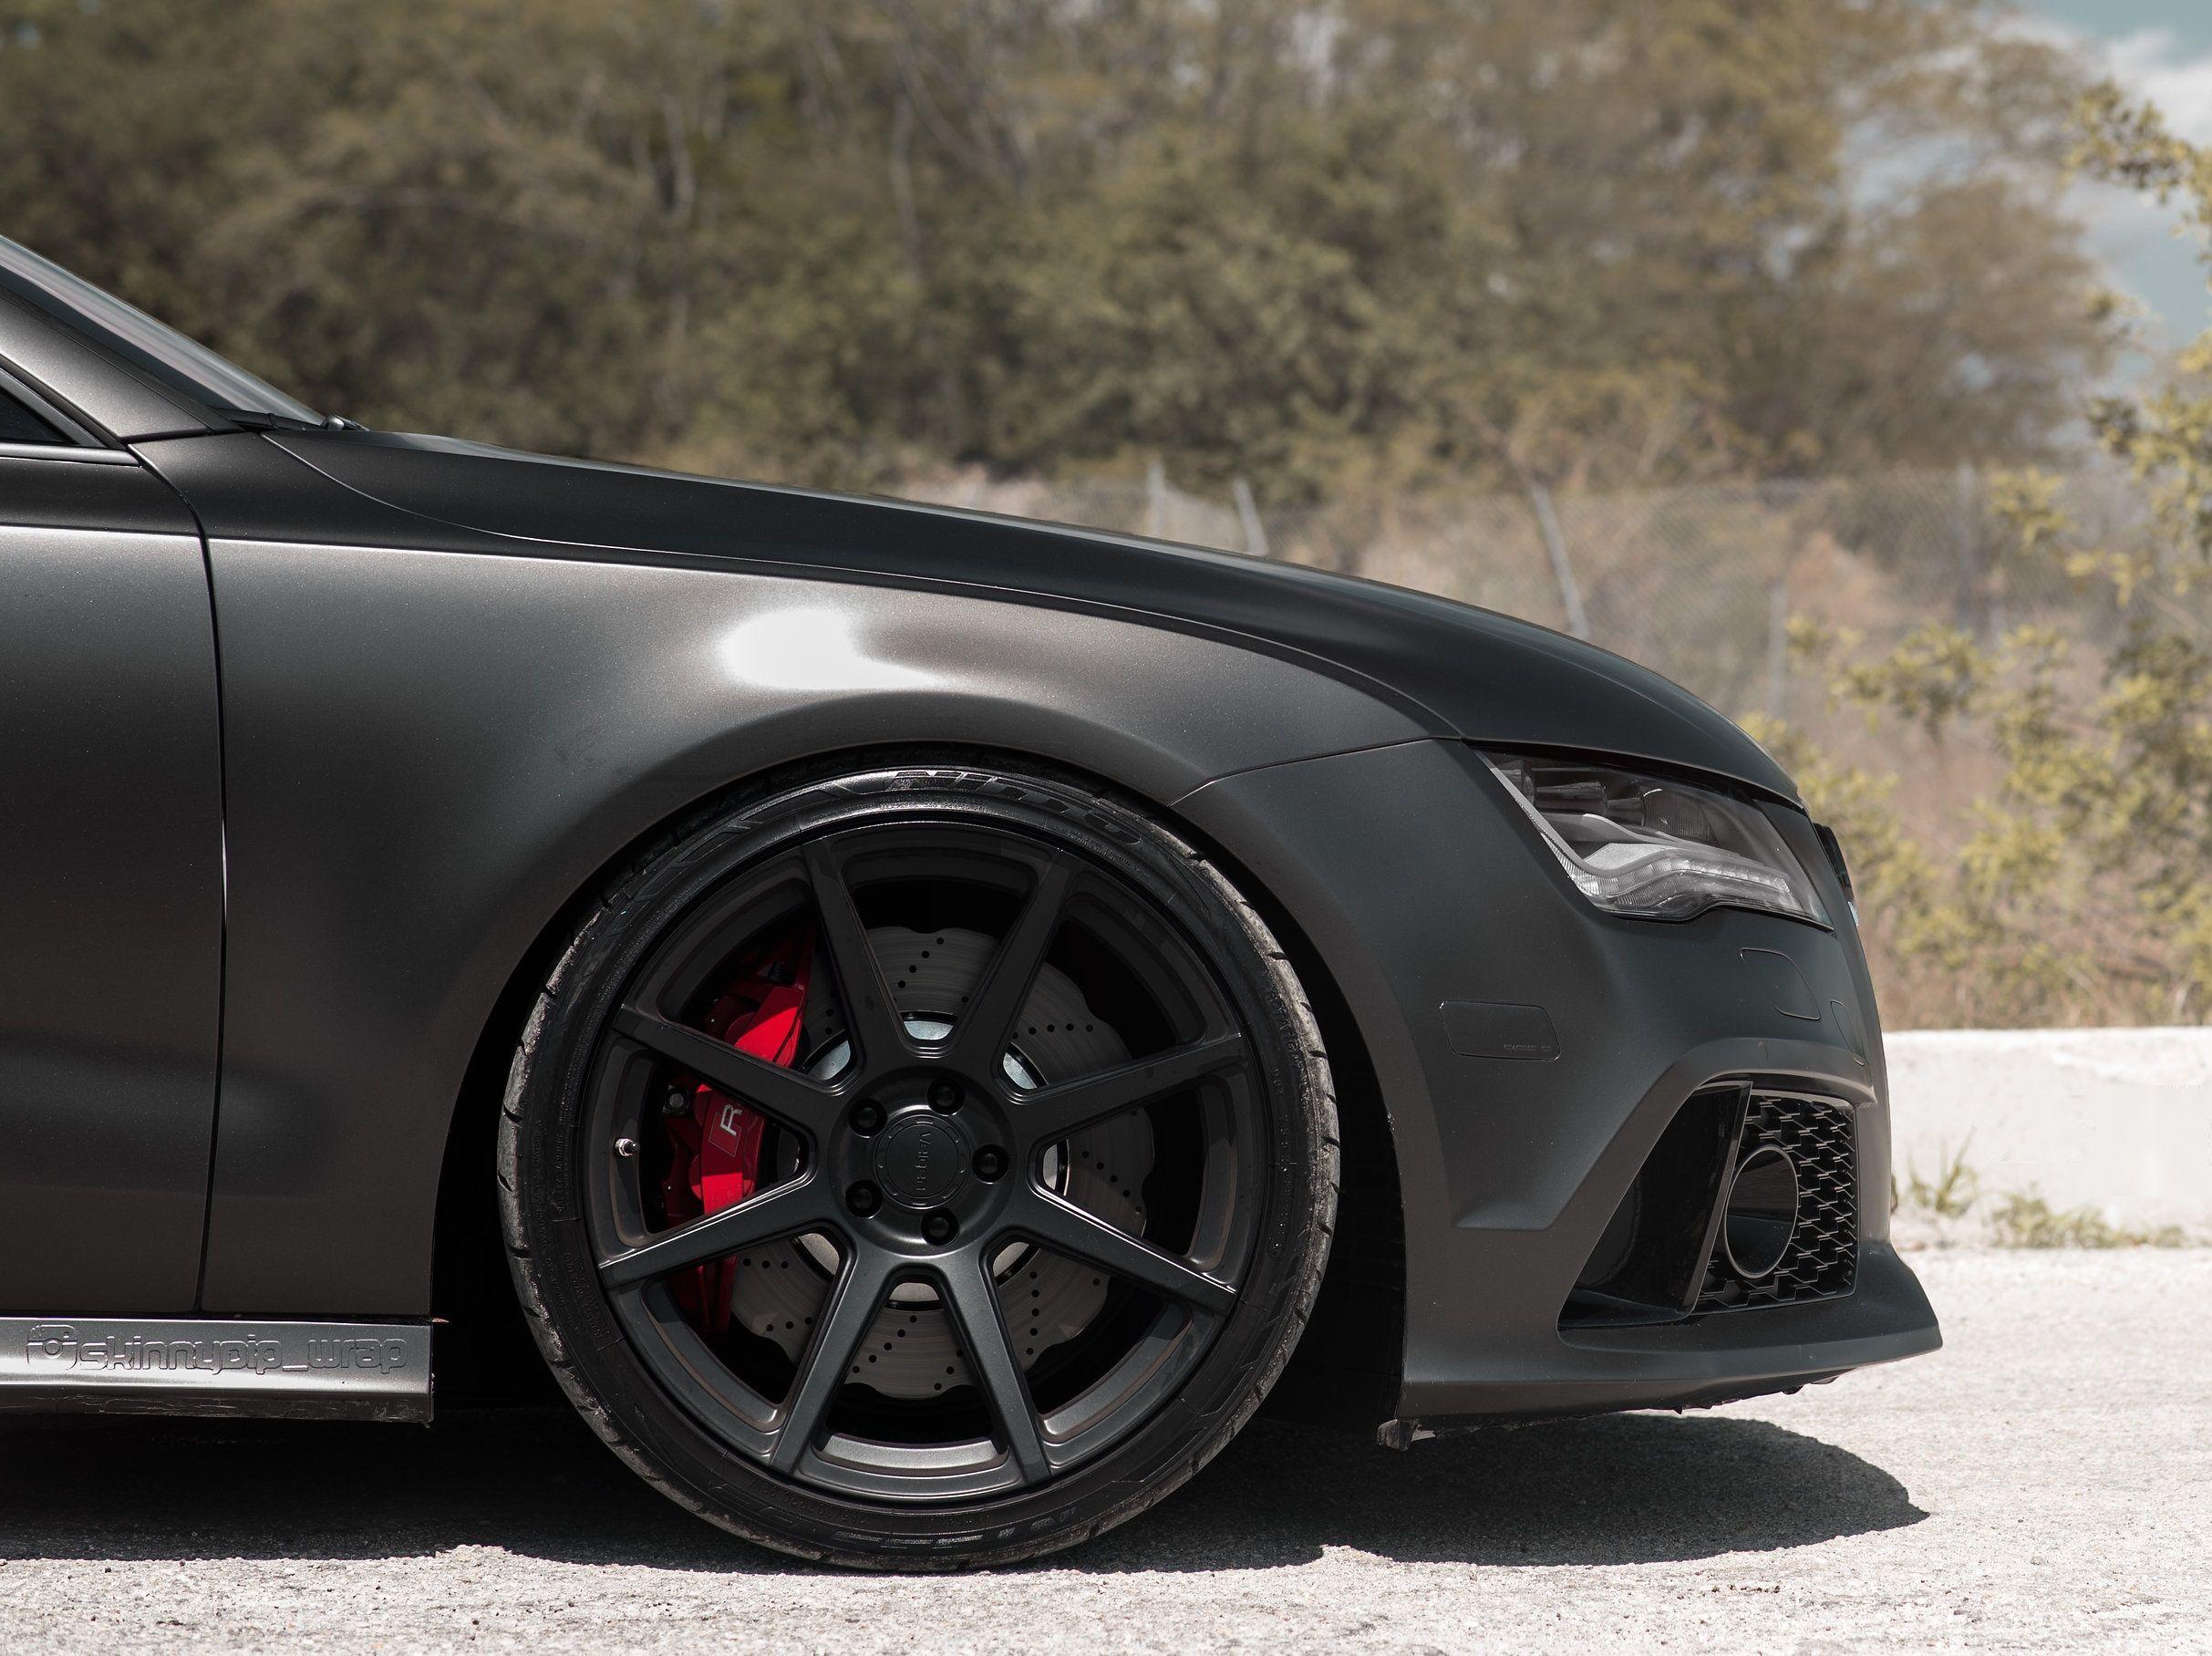 Matt Black Audi Rs7 On Velgen Wheels Black Audi Audi